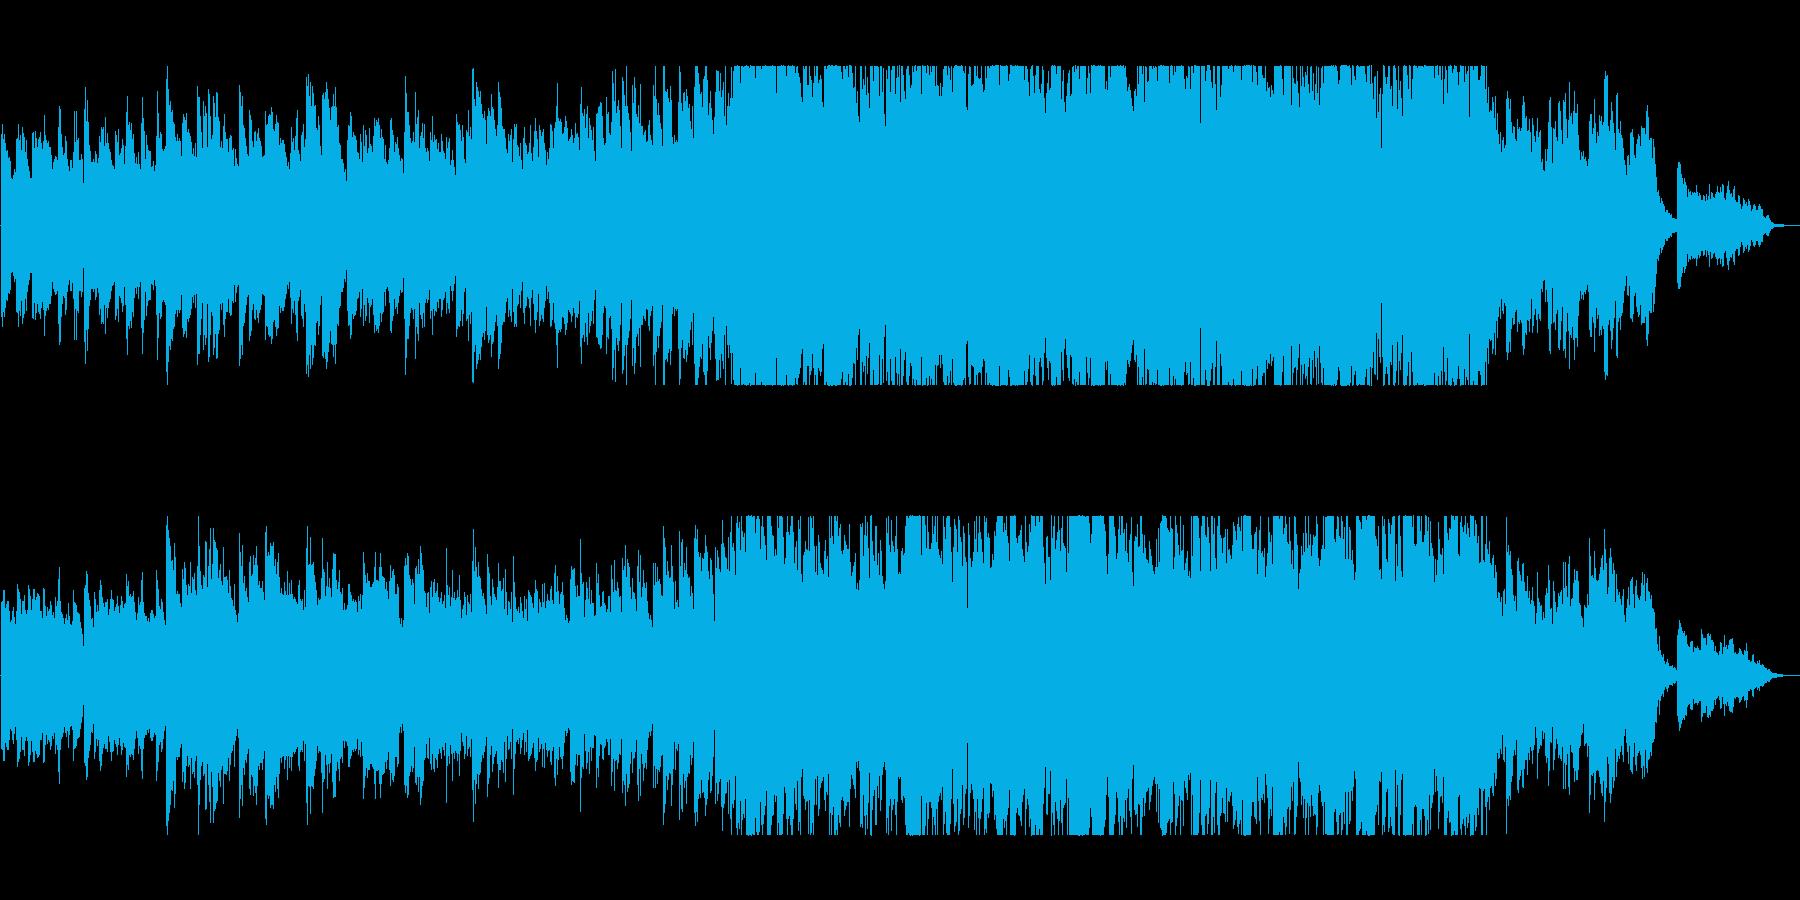 ポジティブなピアノバラードの再生済みの波形